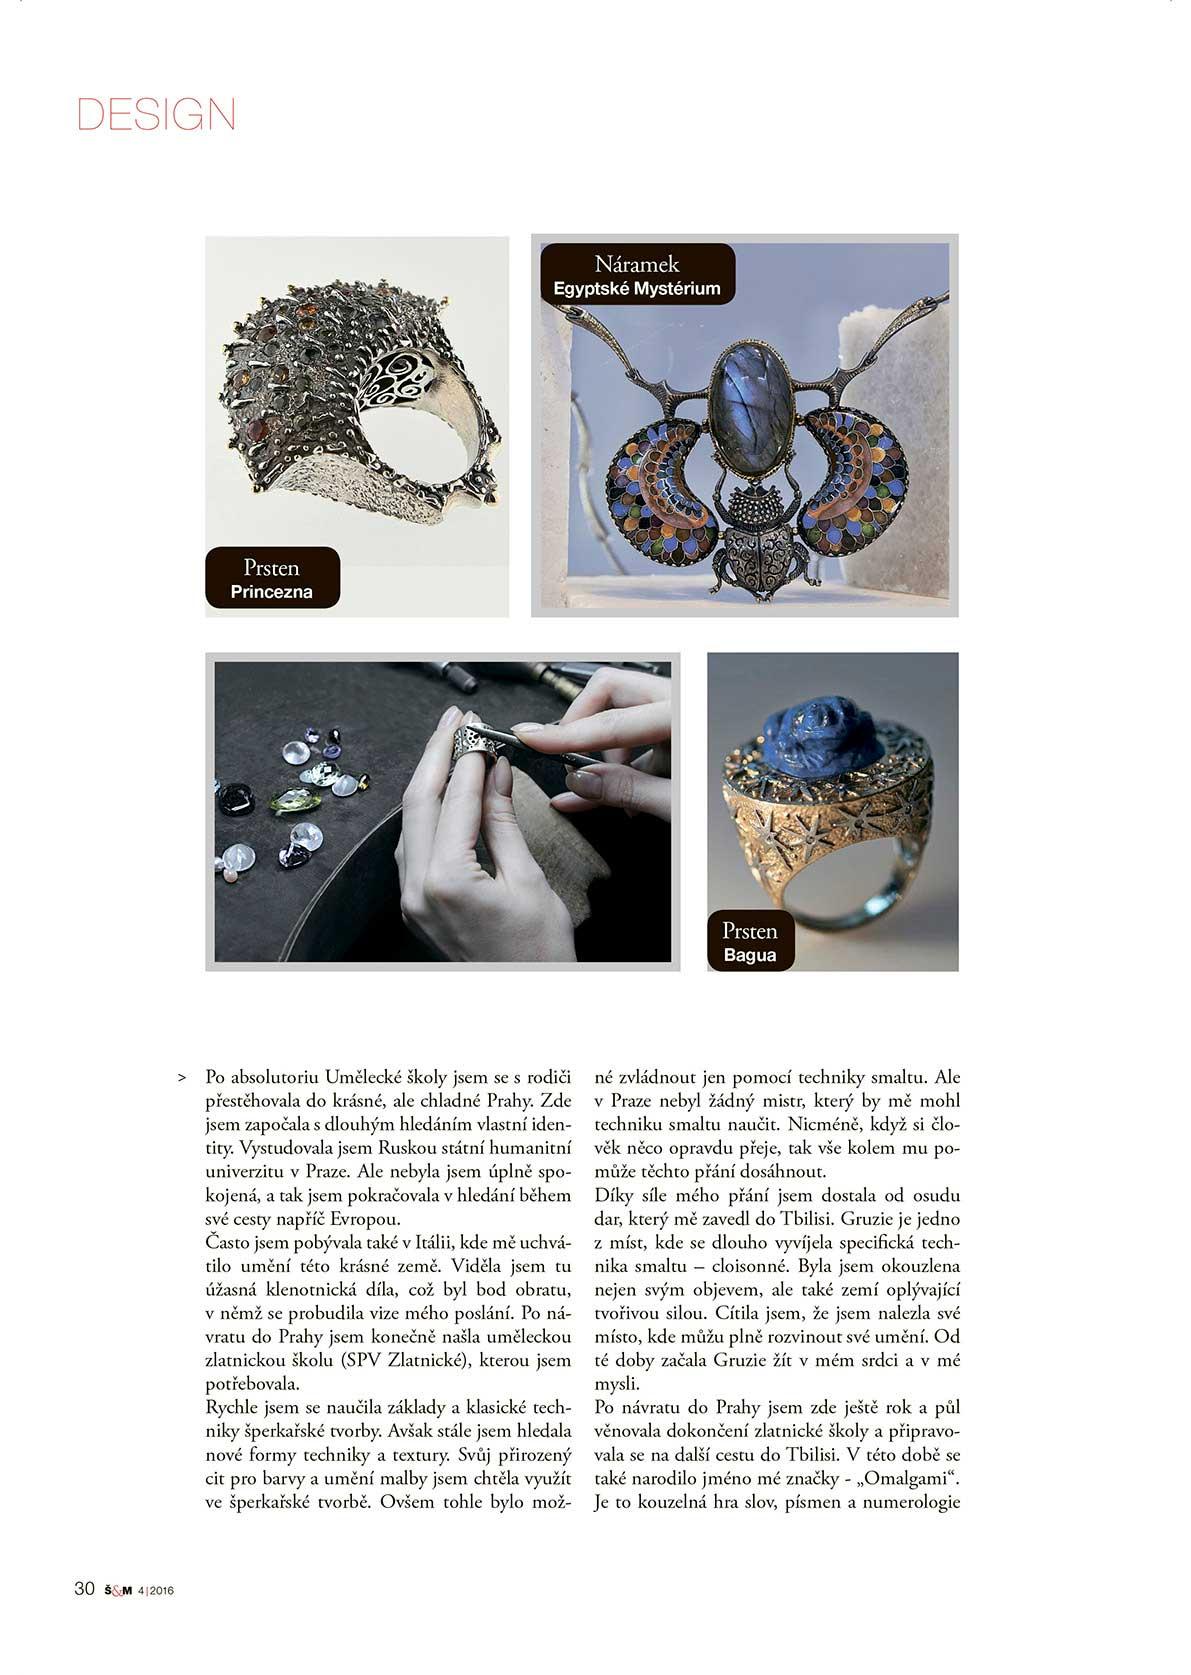 Sperk&Moda_04_2016_Omalgami-Olga-Beleacova-jeweler-Exclusive-Jewelry-Silver-silver-gold